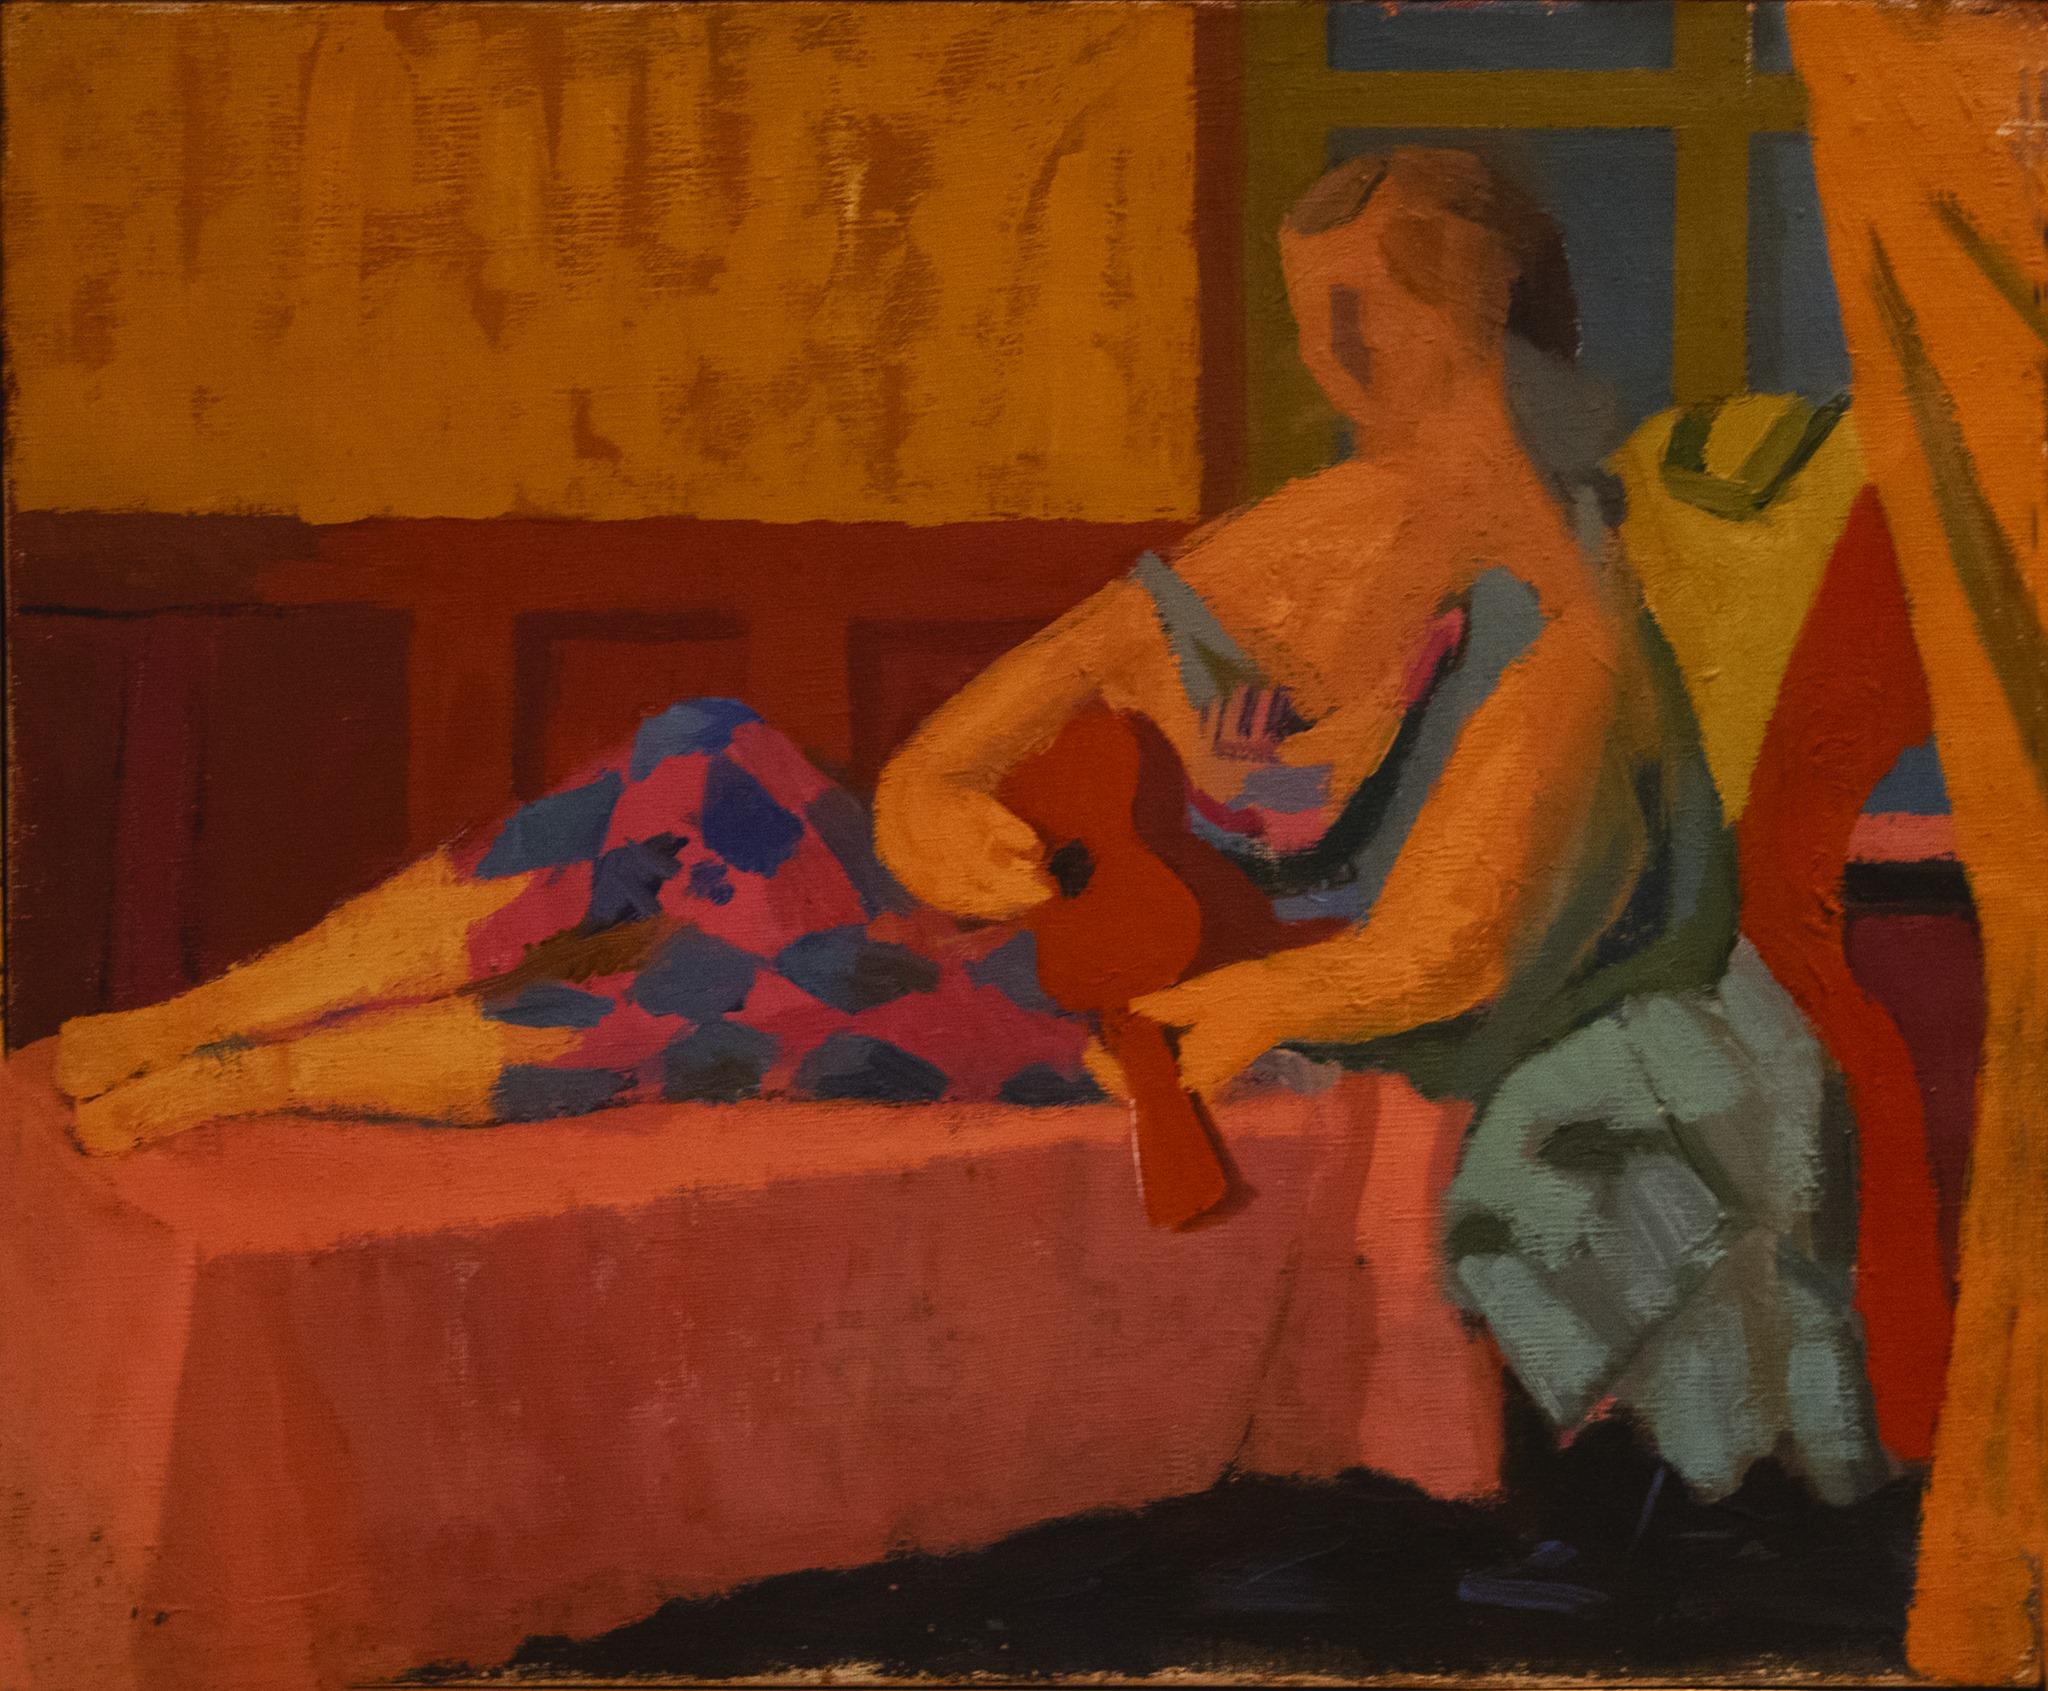 Giuseppe Capogrossi, Donna distesa con chitarra, 1947-48, olio su tela, cm 38x46